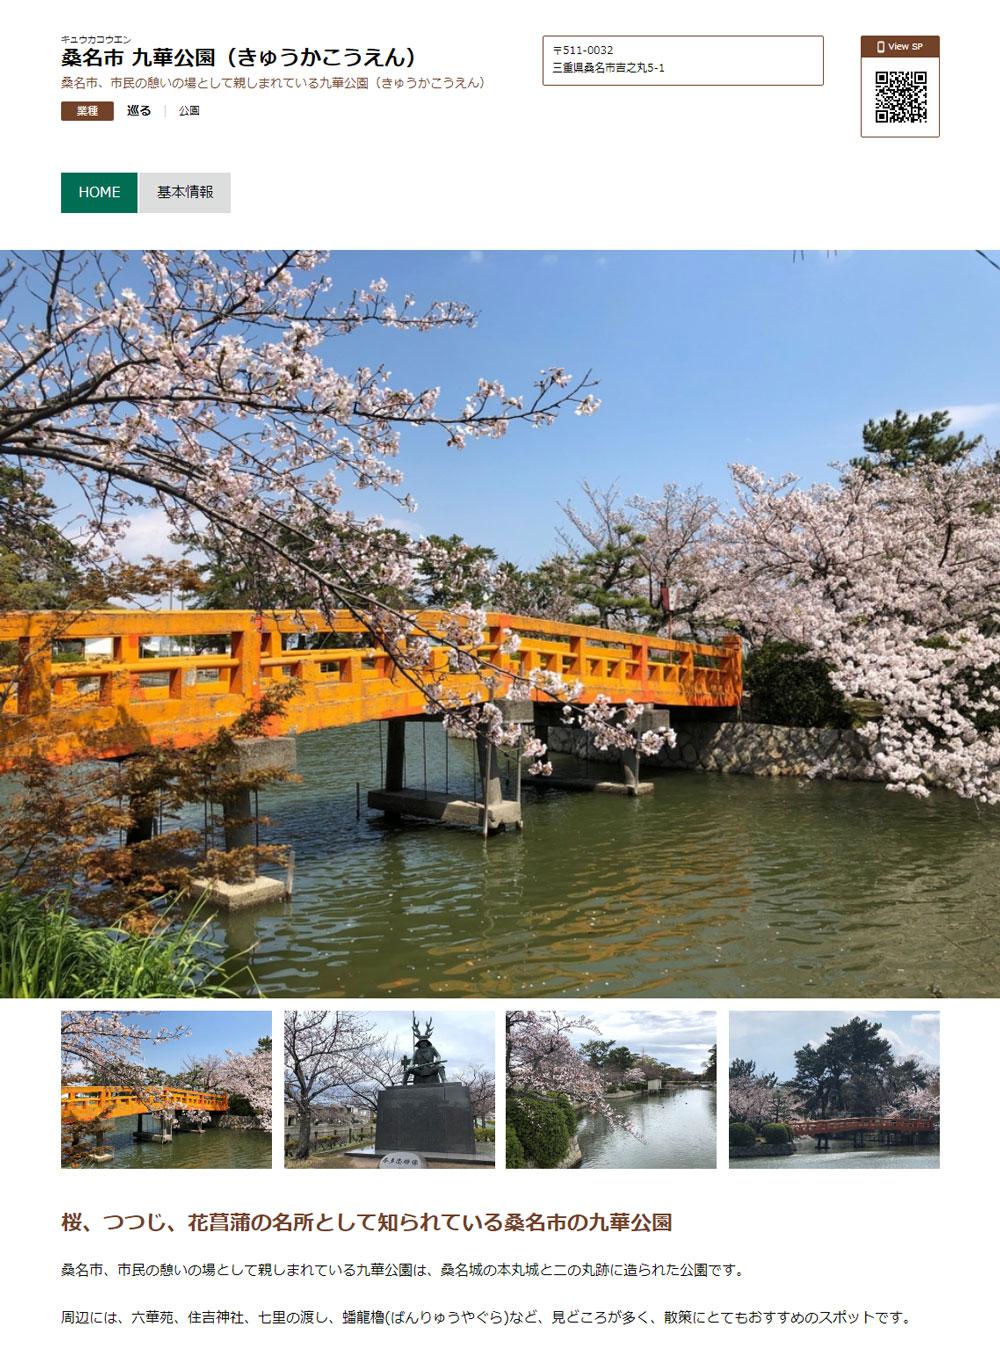 【参考例1】桑名市 九華公園